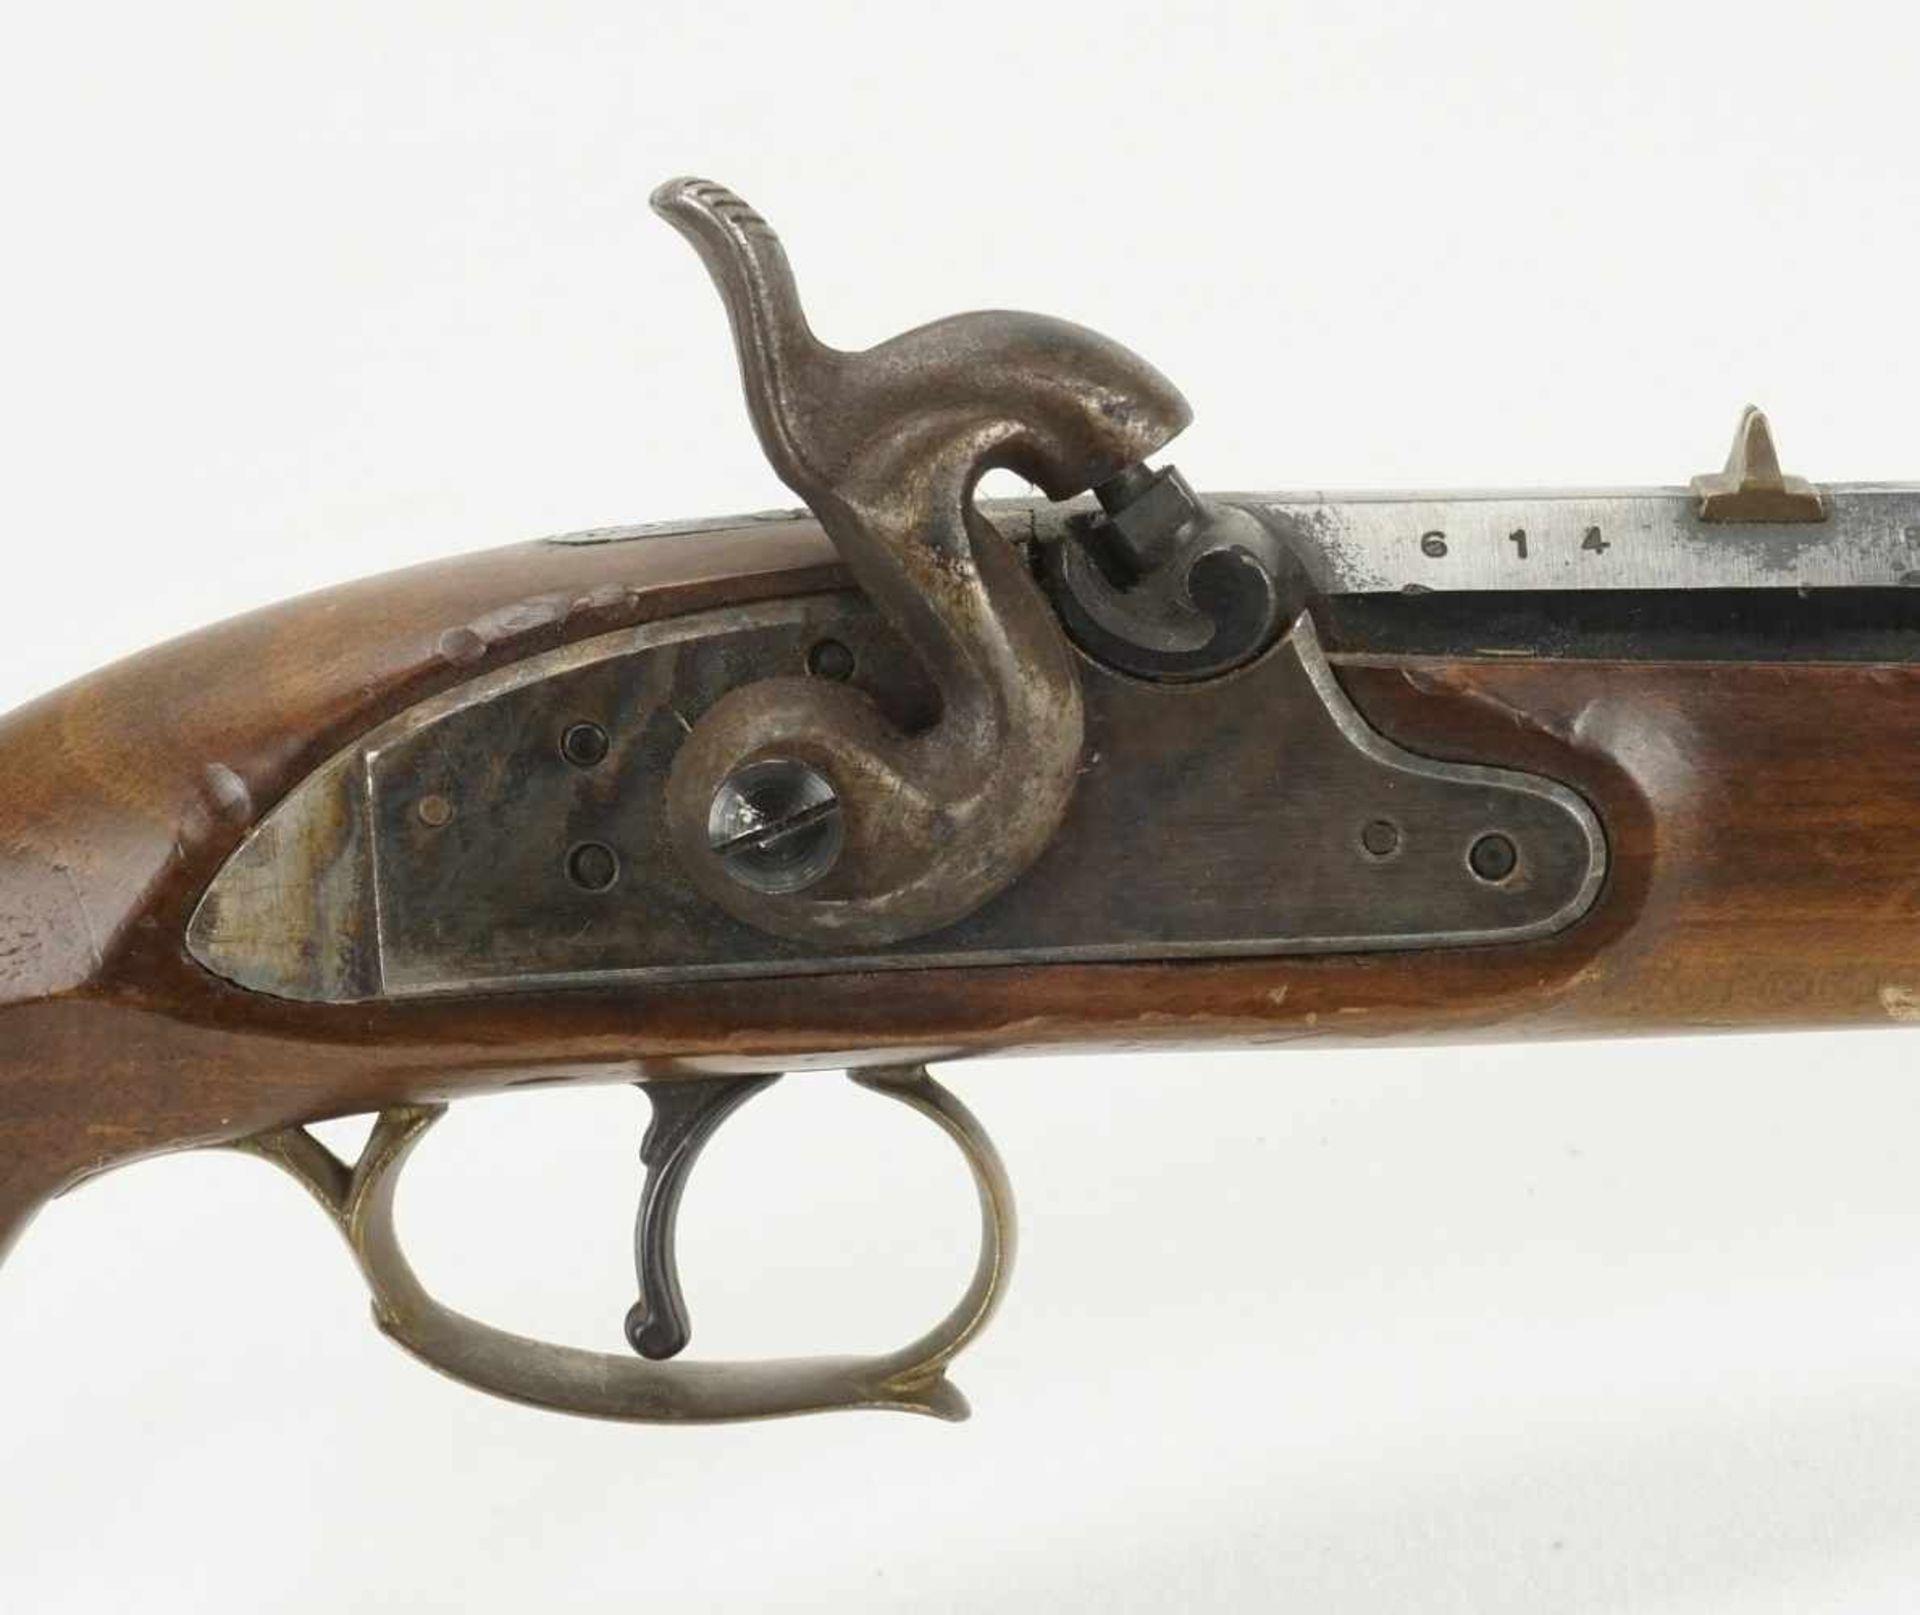 Perkussionspistole Kentucky, 2. Hälfte 20. Jh. - Bild 4 aus 5